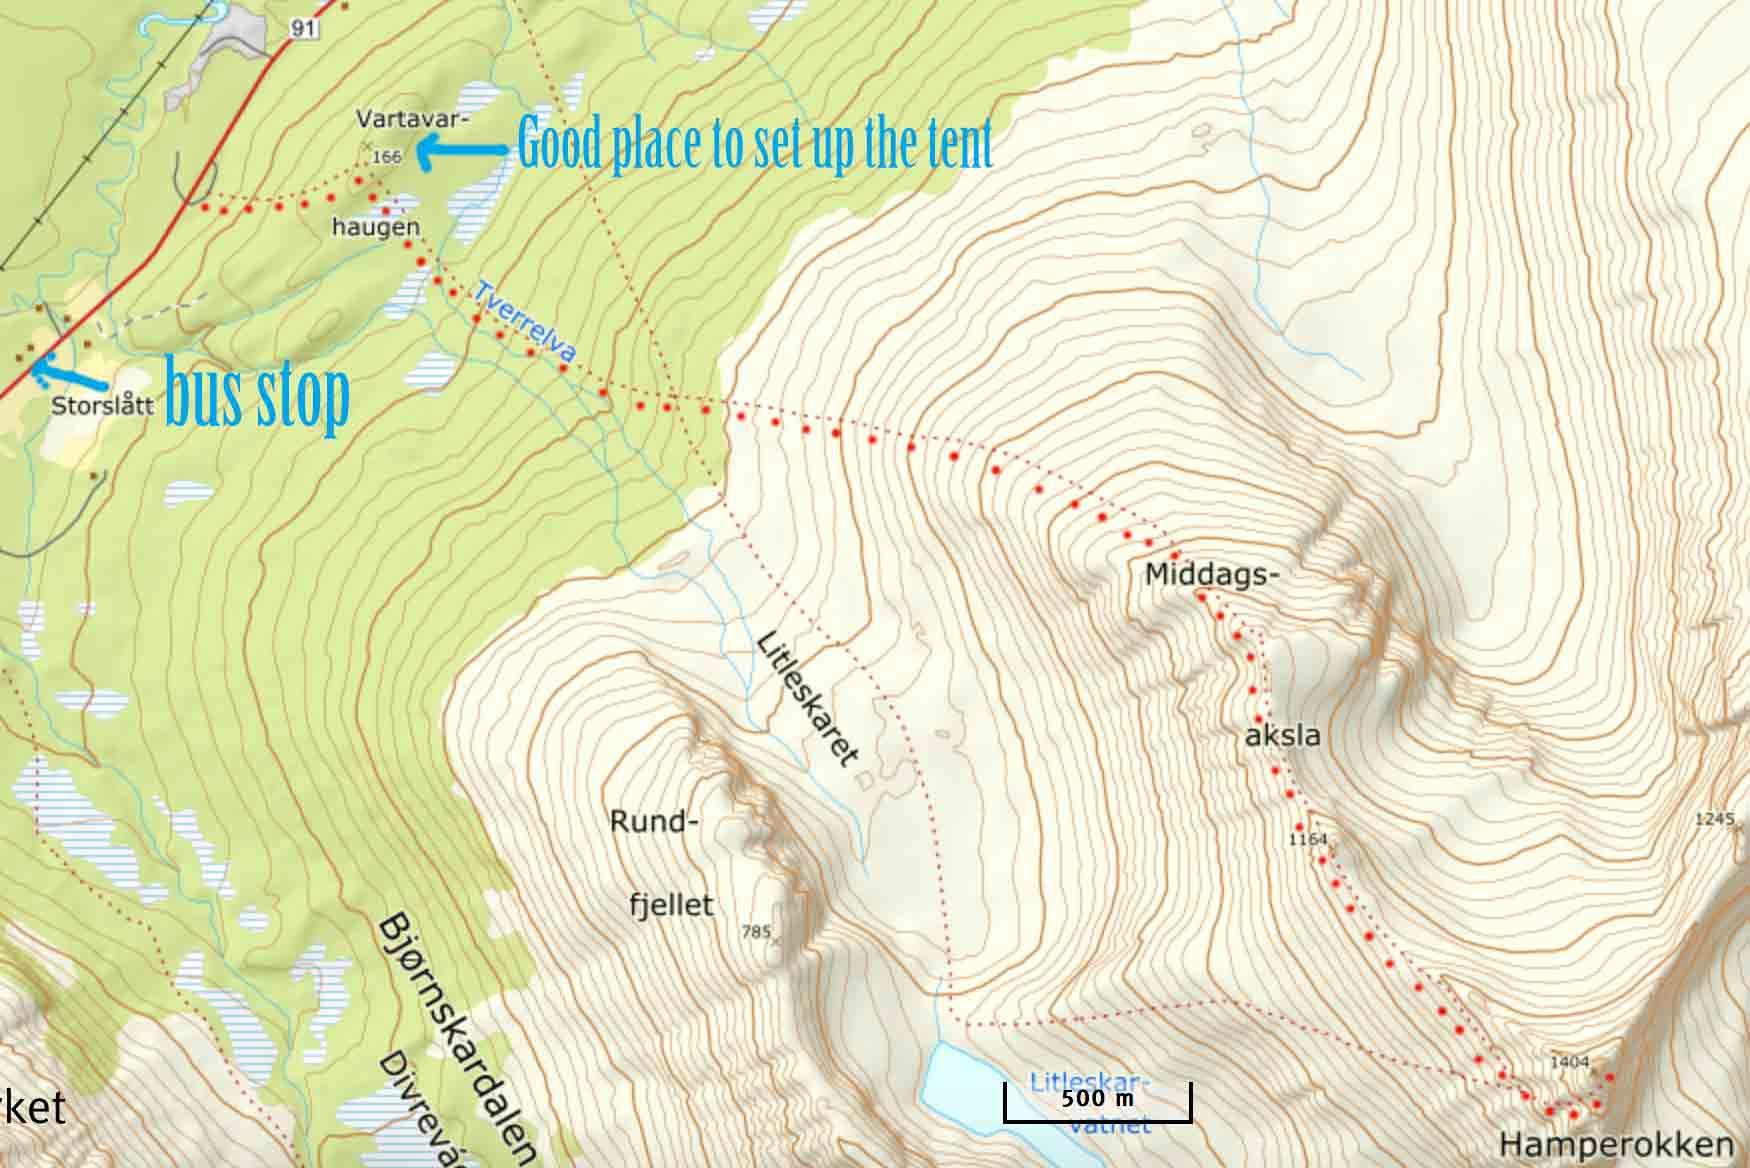 hamperokken-map-kart